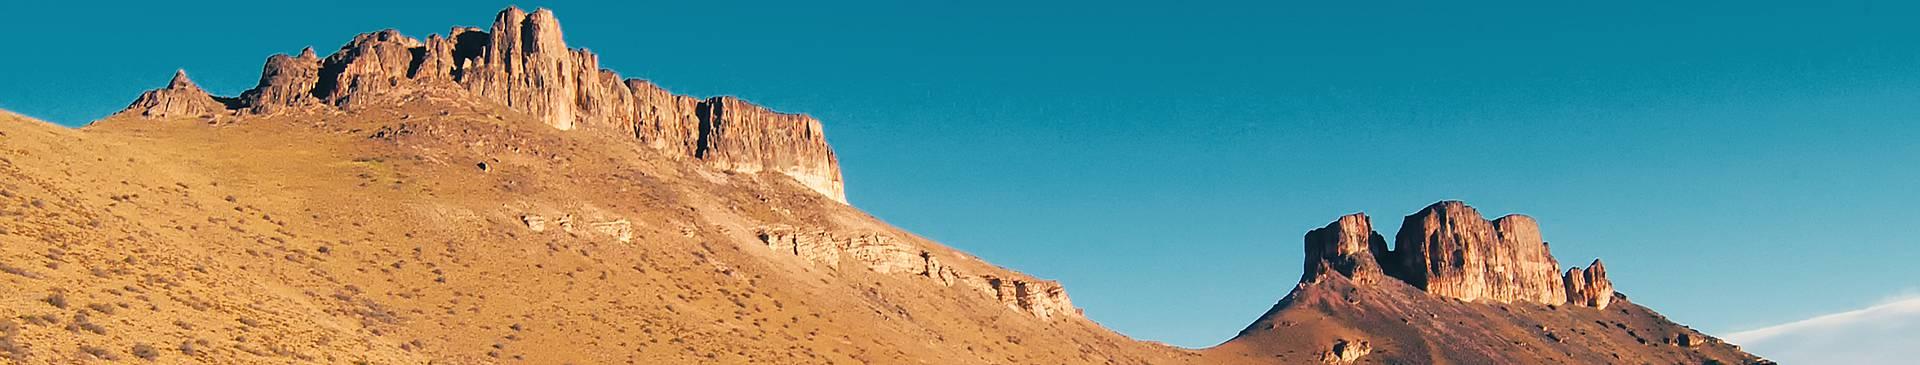 Adventure travel in Argentina